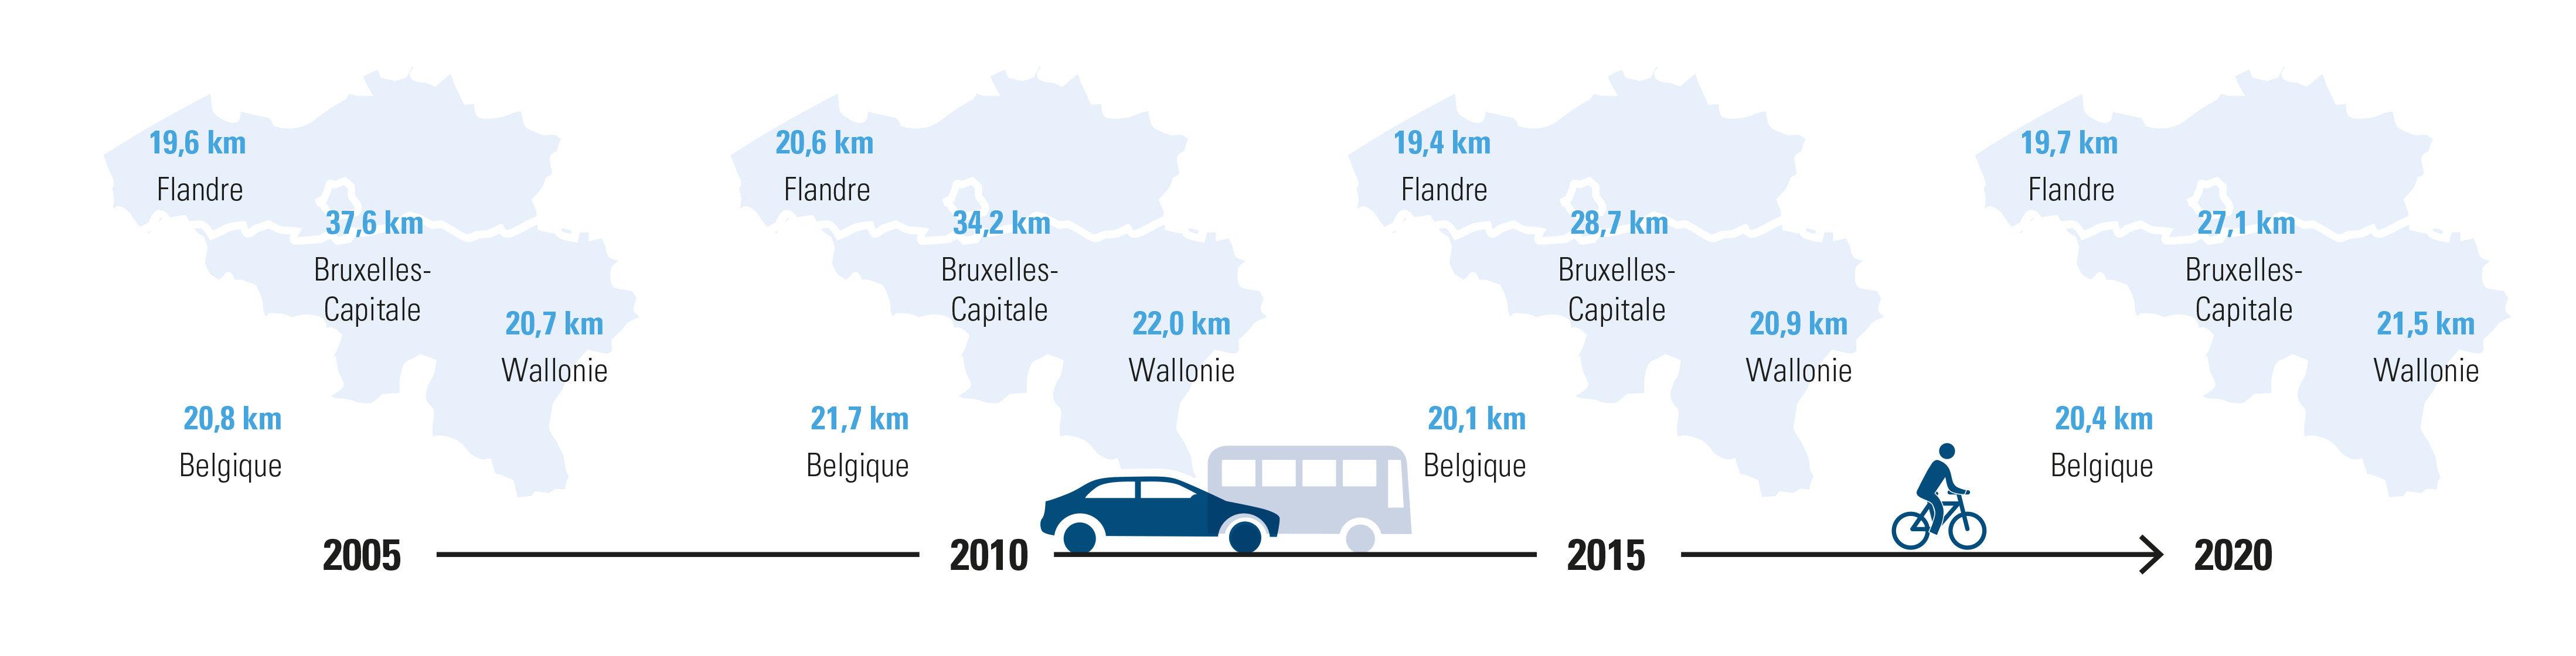 Quelle distance parcourent les travailleurs? Moyennes en km, contrats à durée indéterminée au 1er janvier